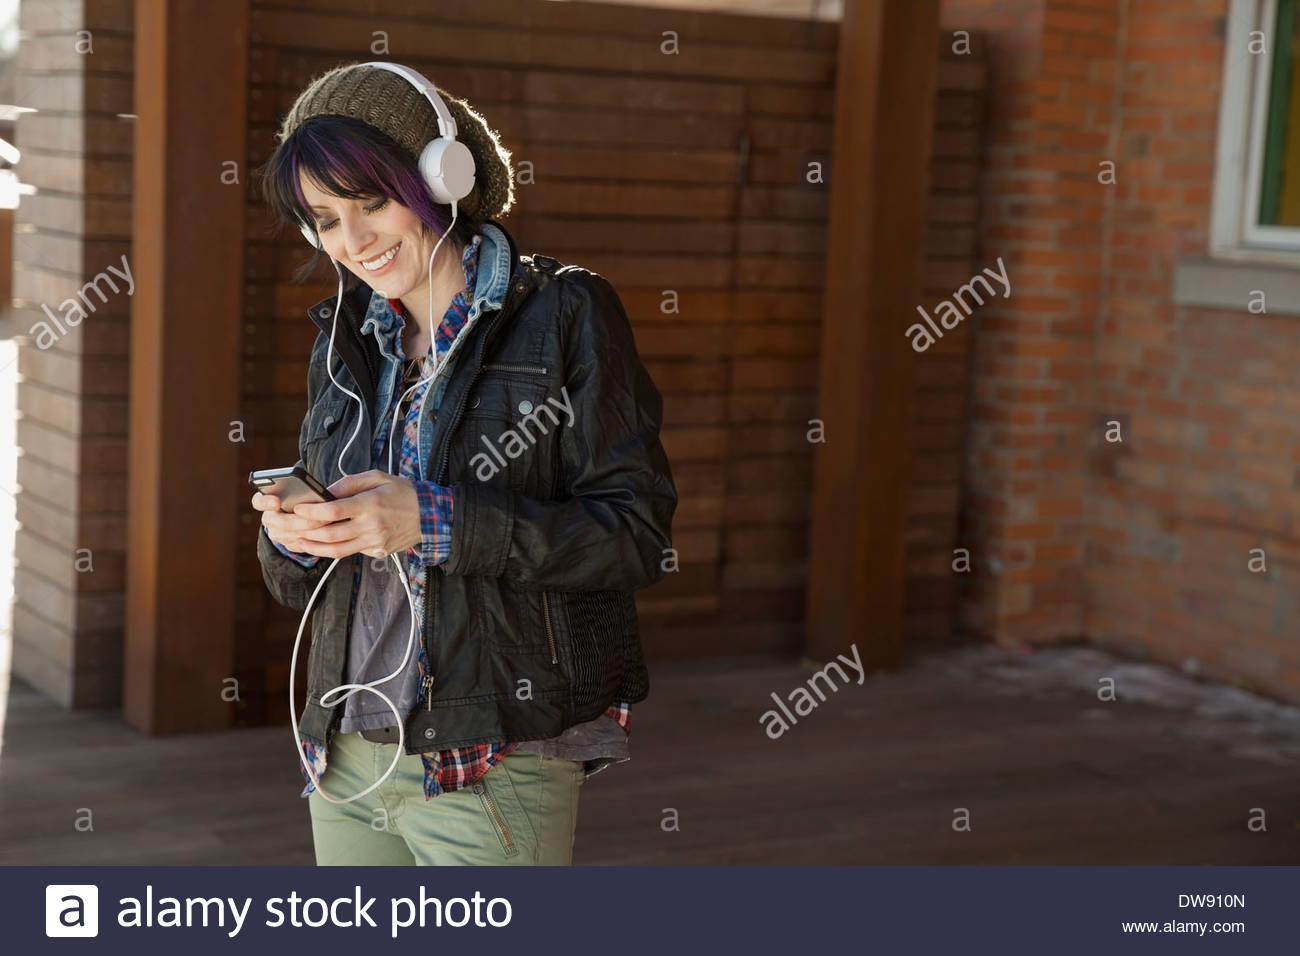 Donna sorridente ascoltando musica sulle cuffie all'aperto Immagini Stock